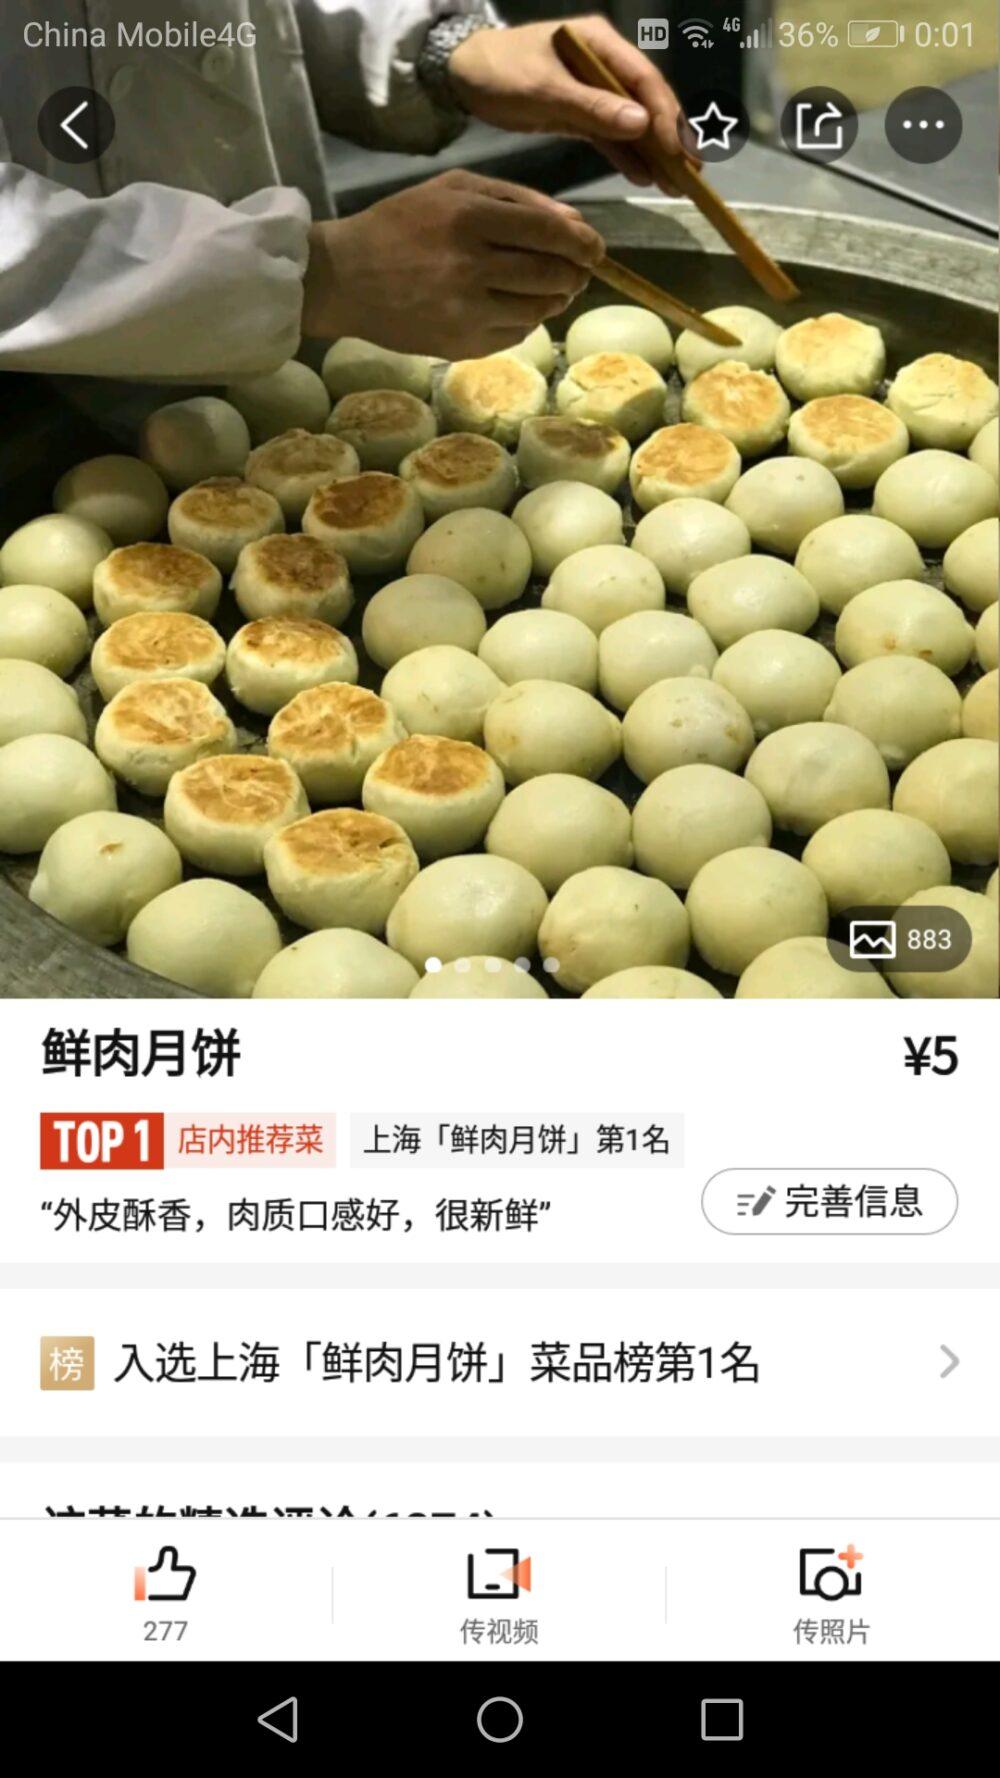 光明邨大酒家で人気NO1メニューの「鲜肉月饼」のスクショした写真